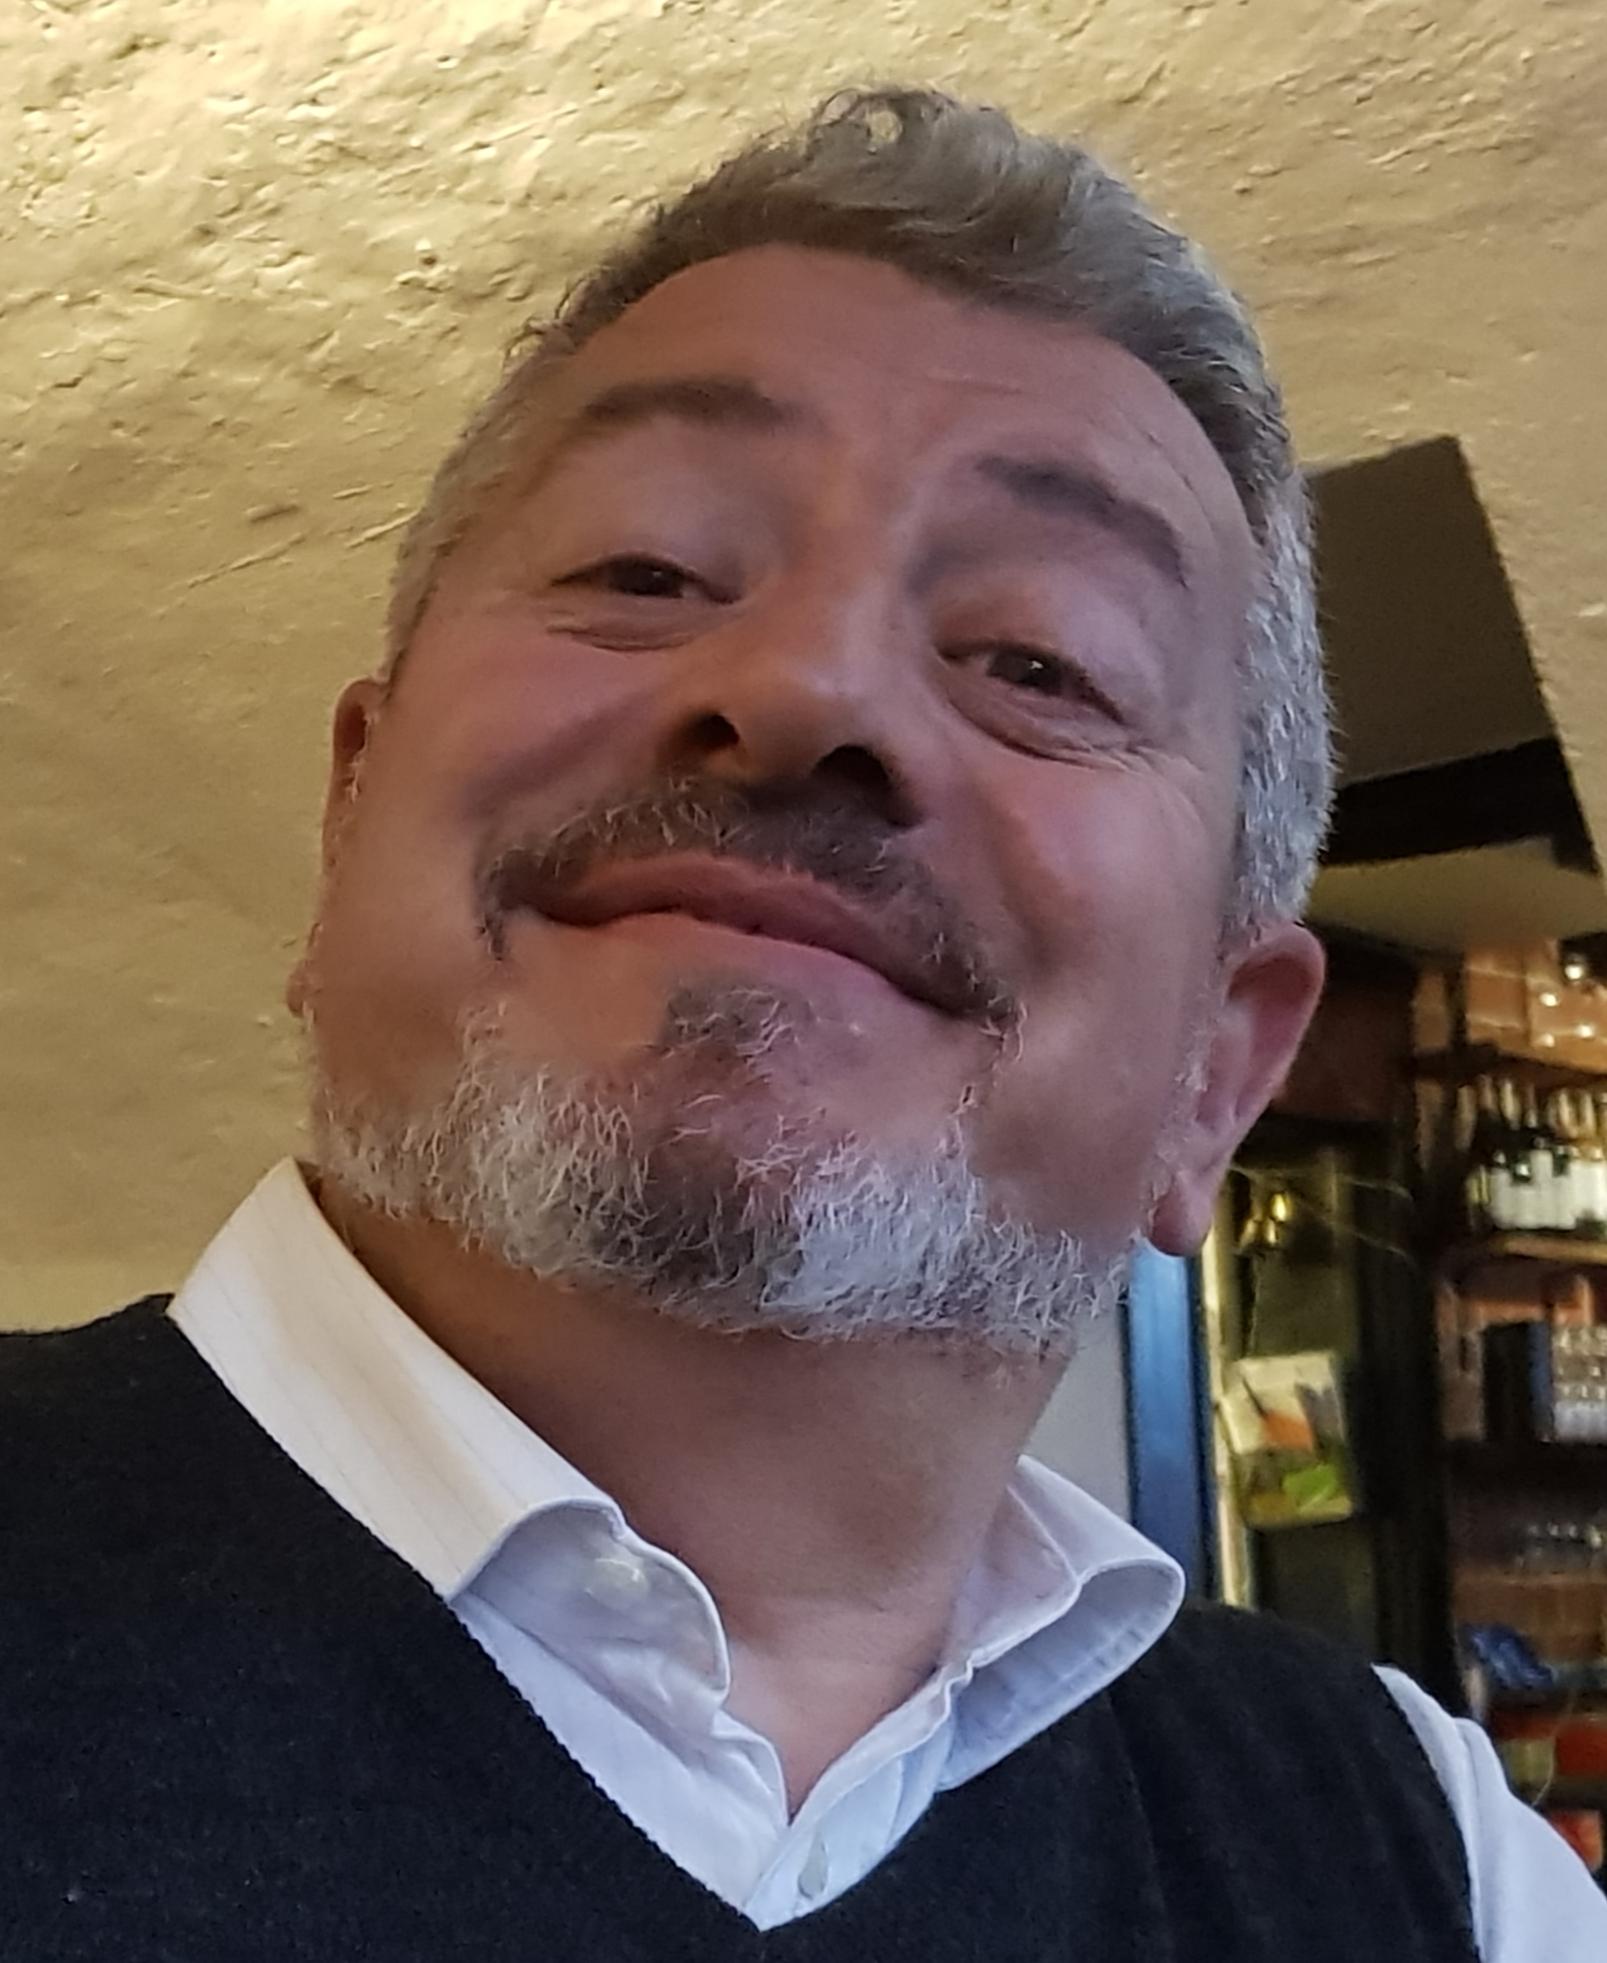 MICHELE GRECO